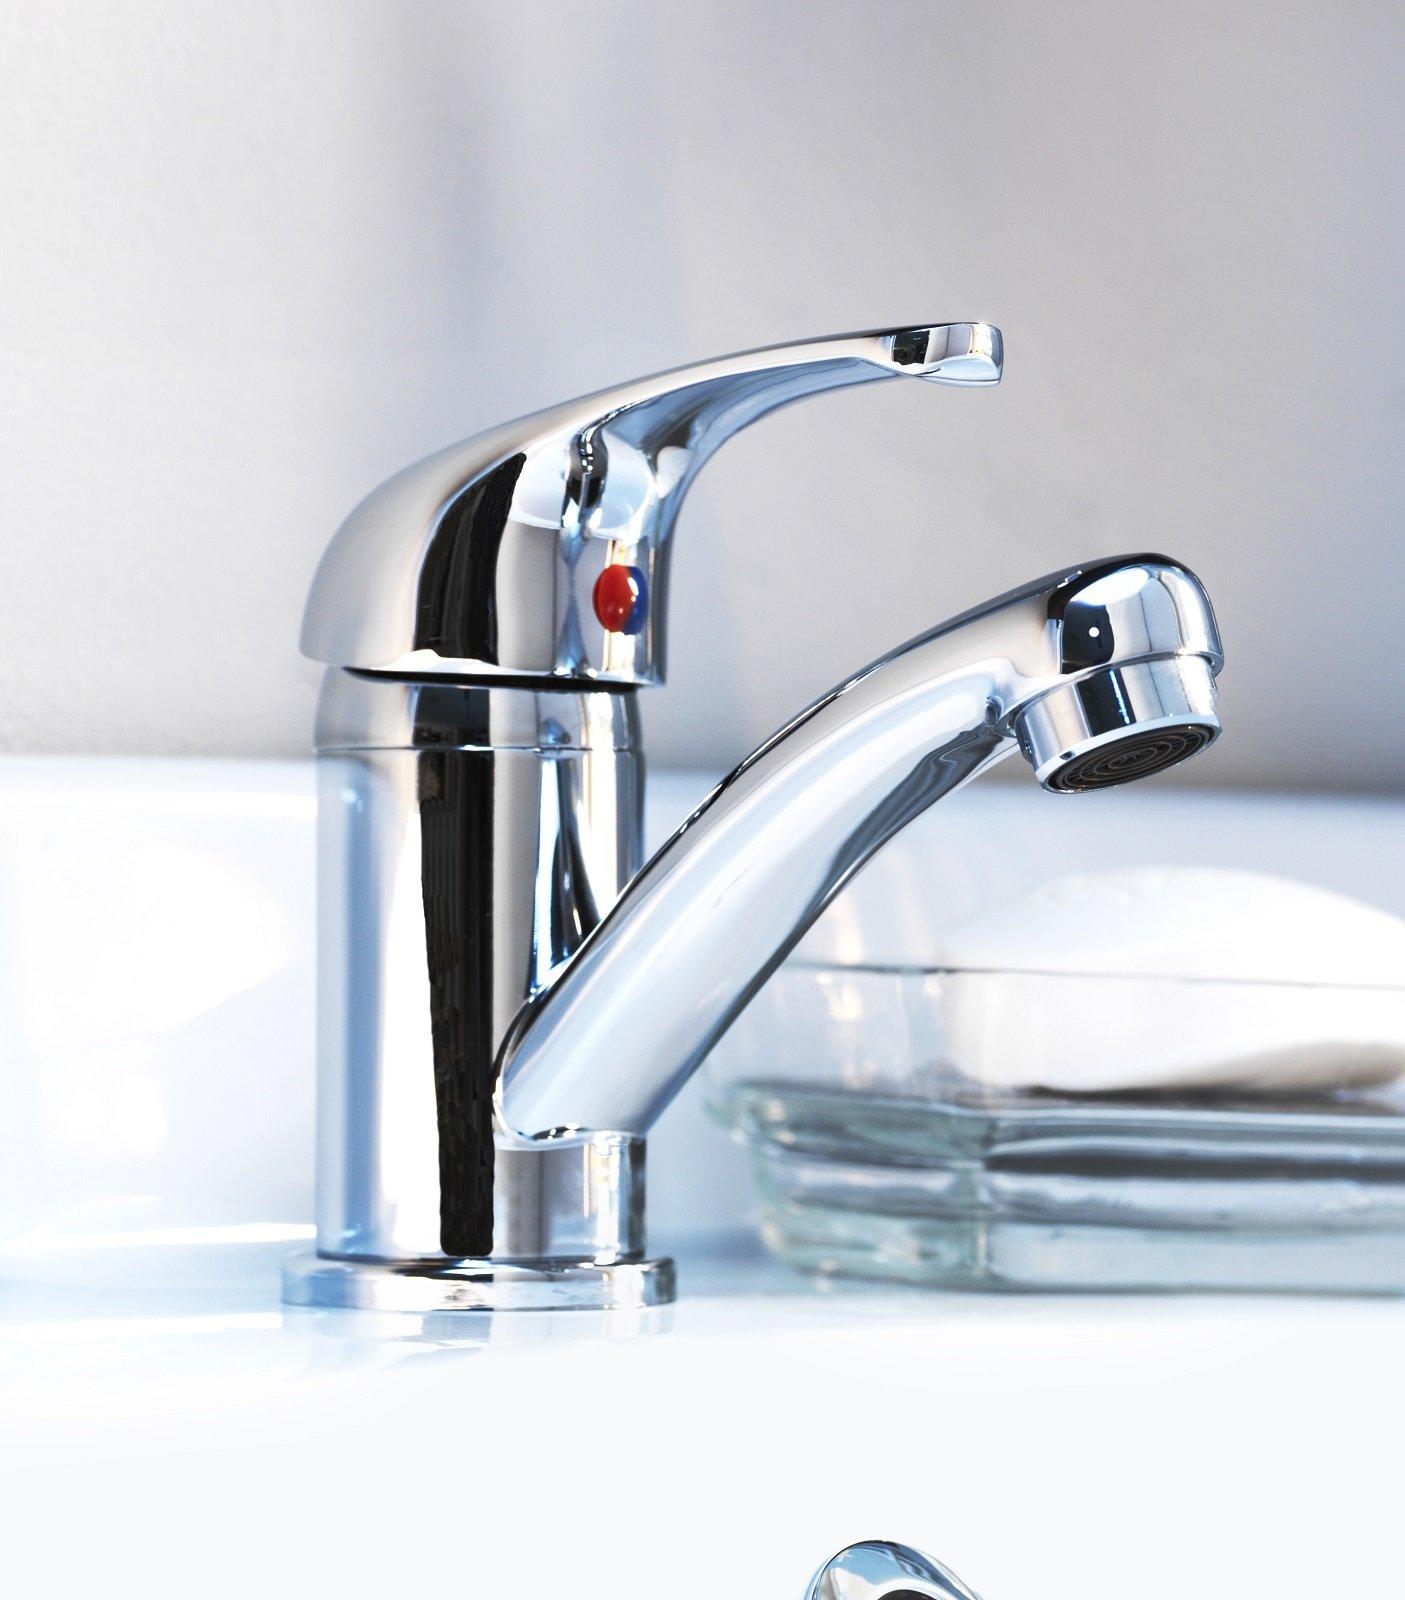 Rinnovare il bagno con modelli a prezzi convenienti - Lavabo bagno ikea prezzi ...